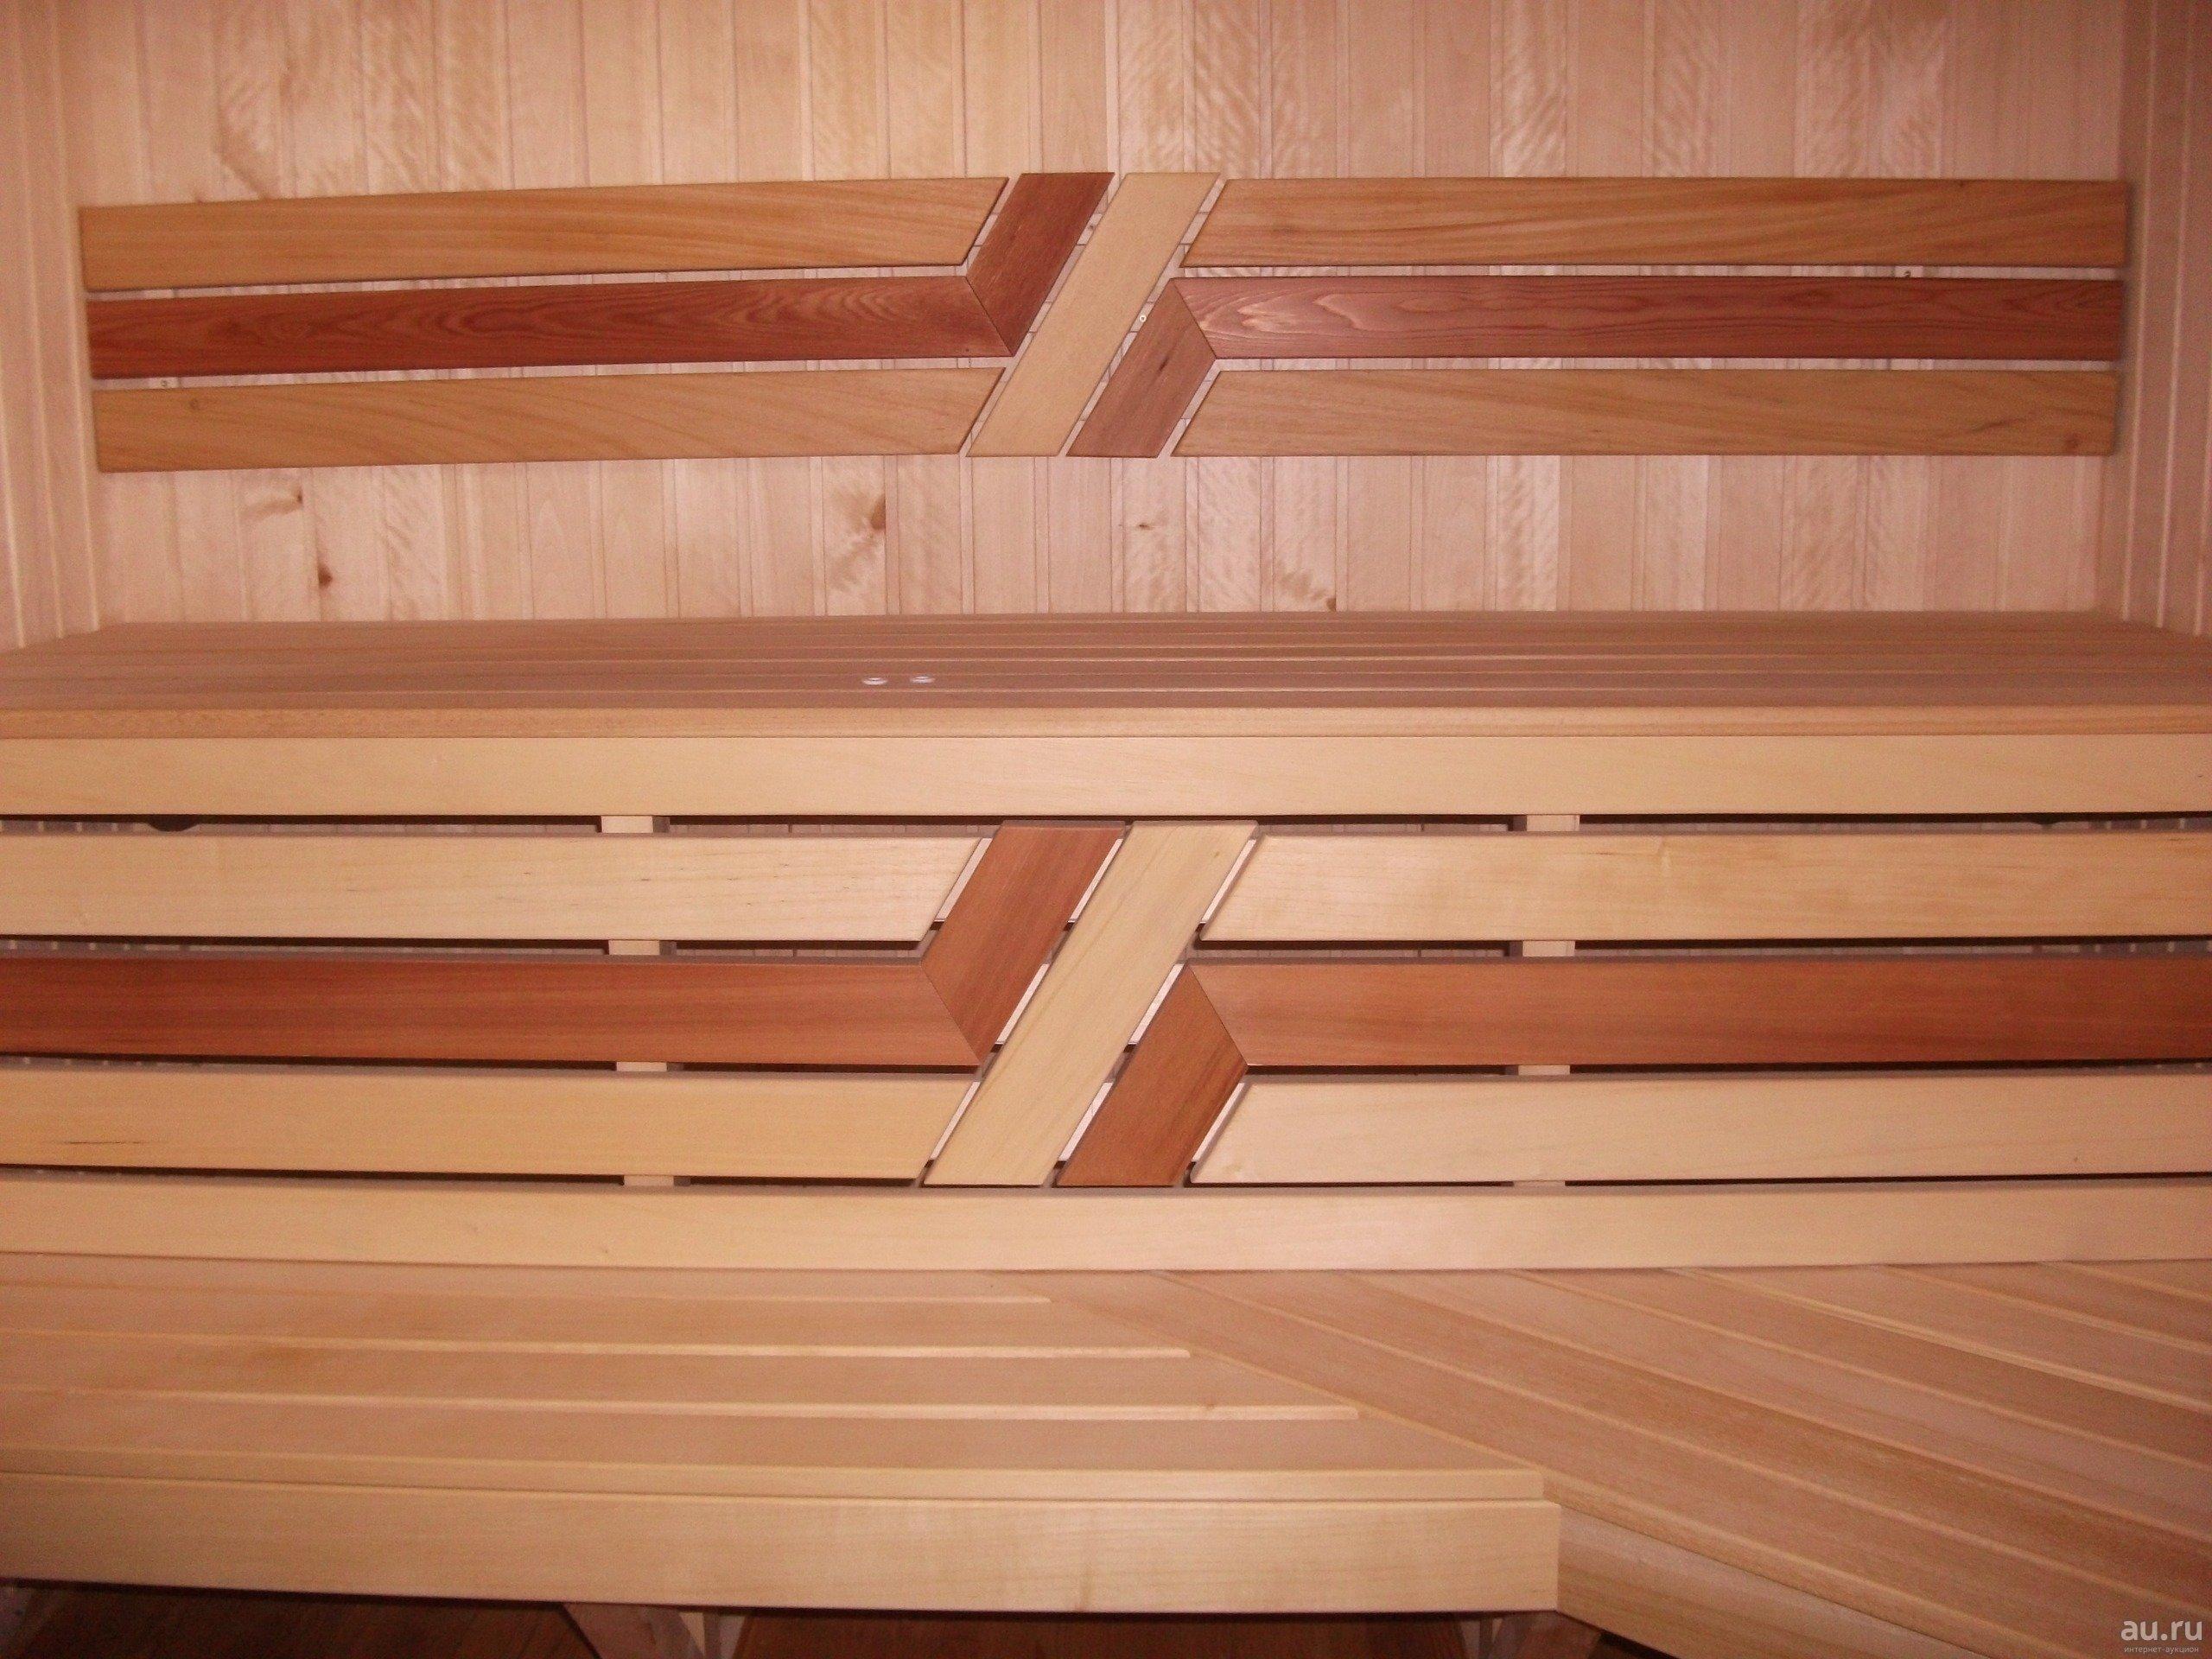 Полочки в баню [своими руками]: как сделать из дерева?